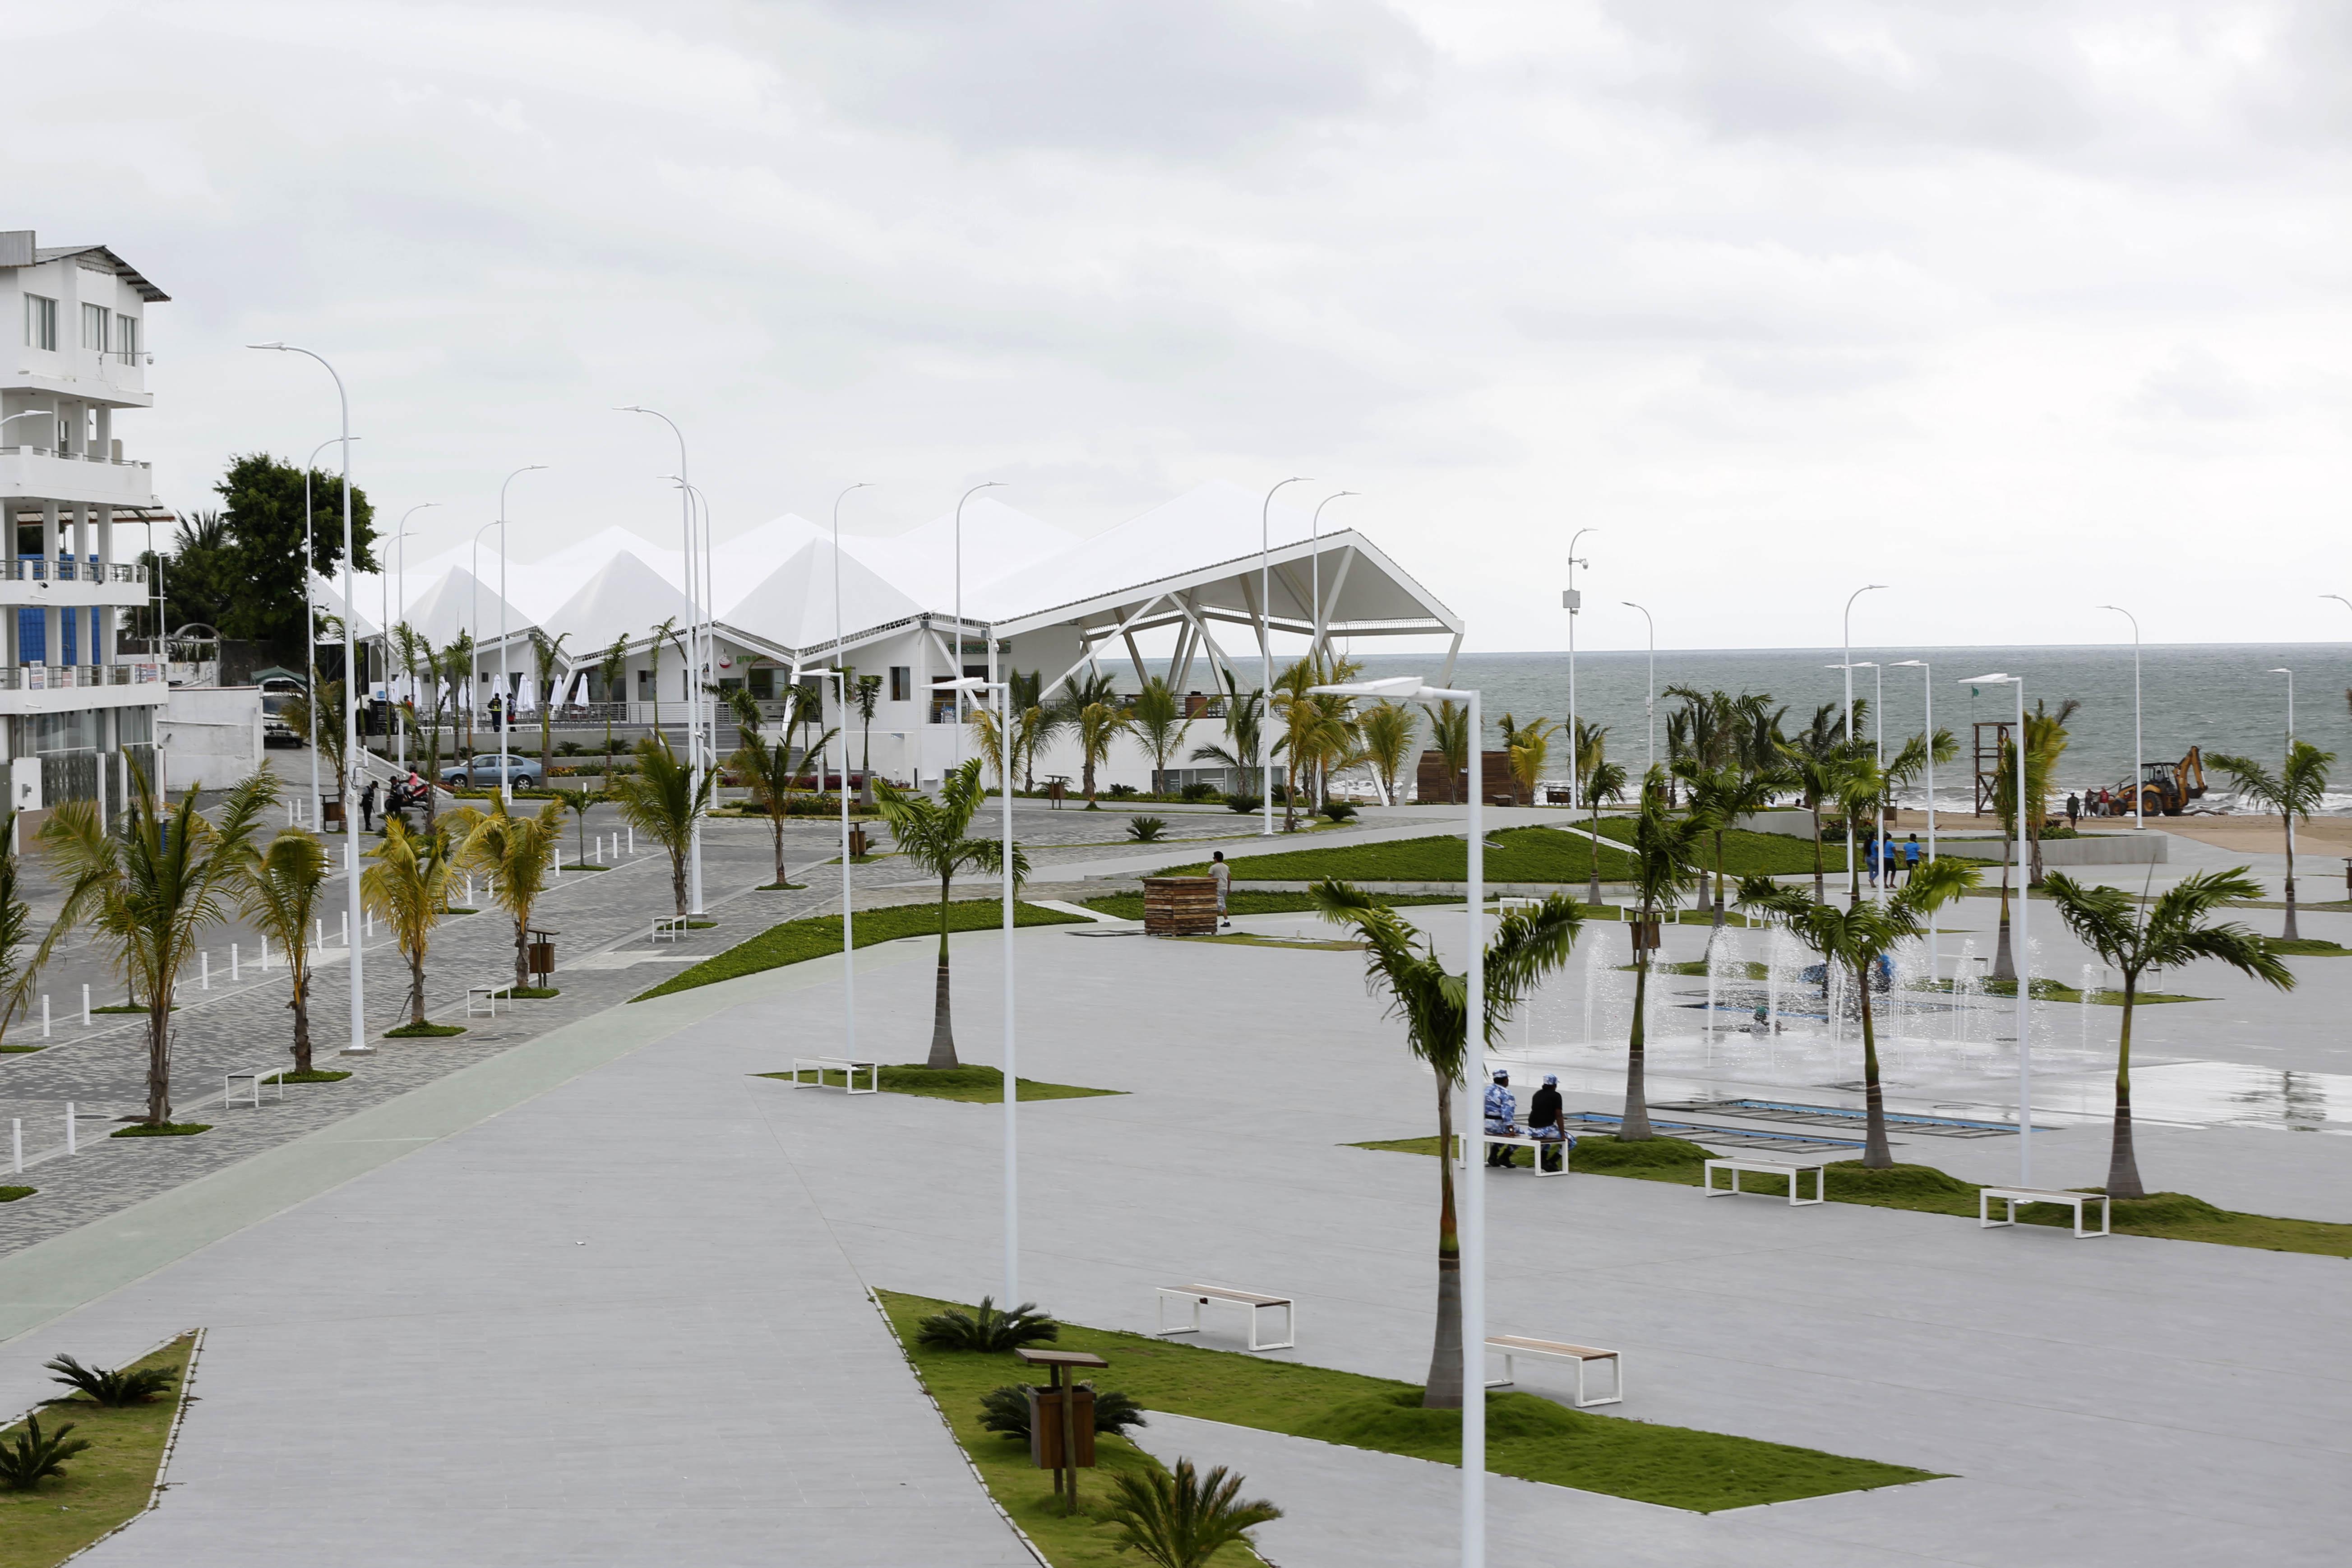 playa las palmas malecon ecuador esmeraldas